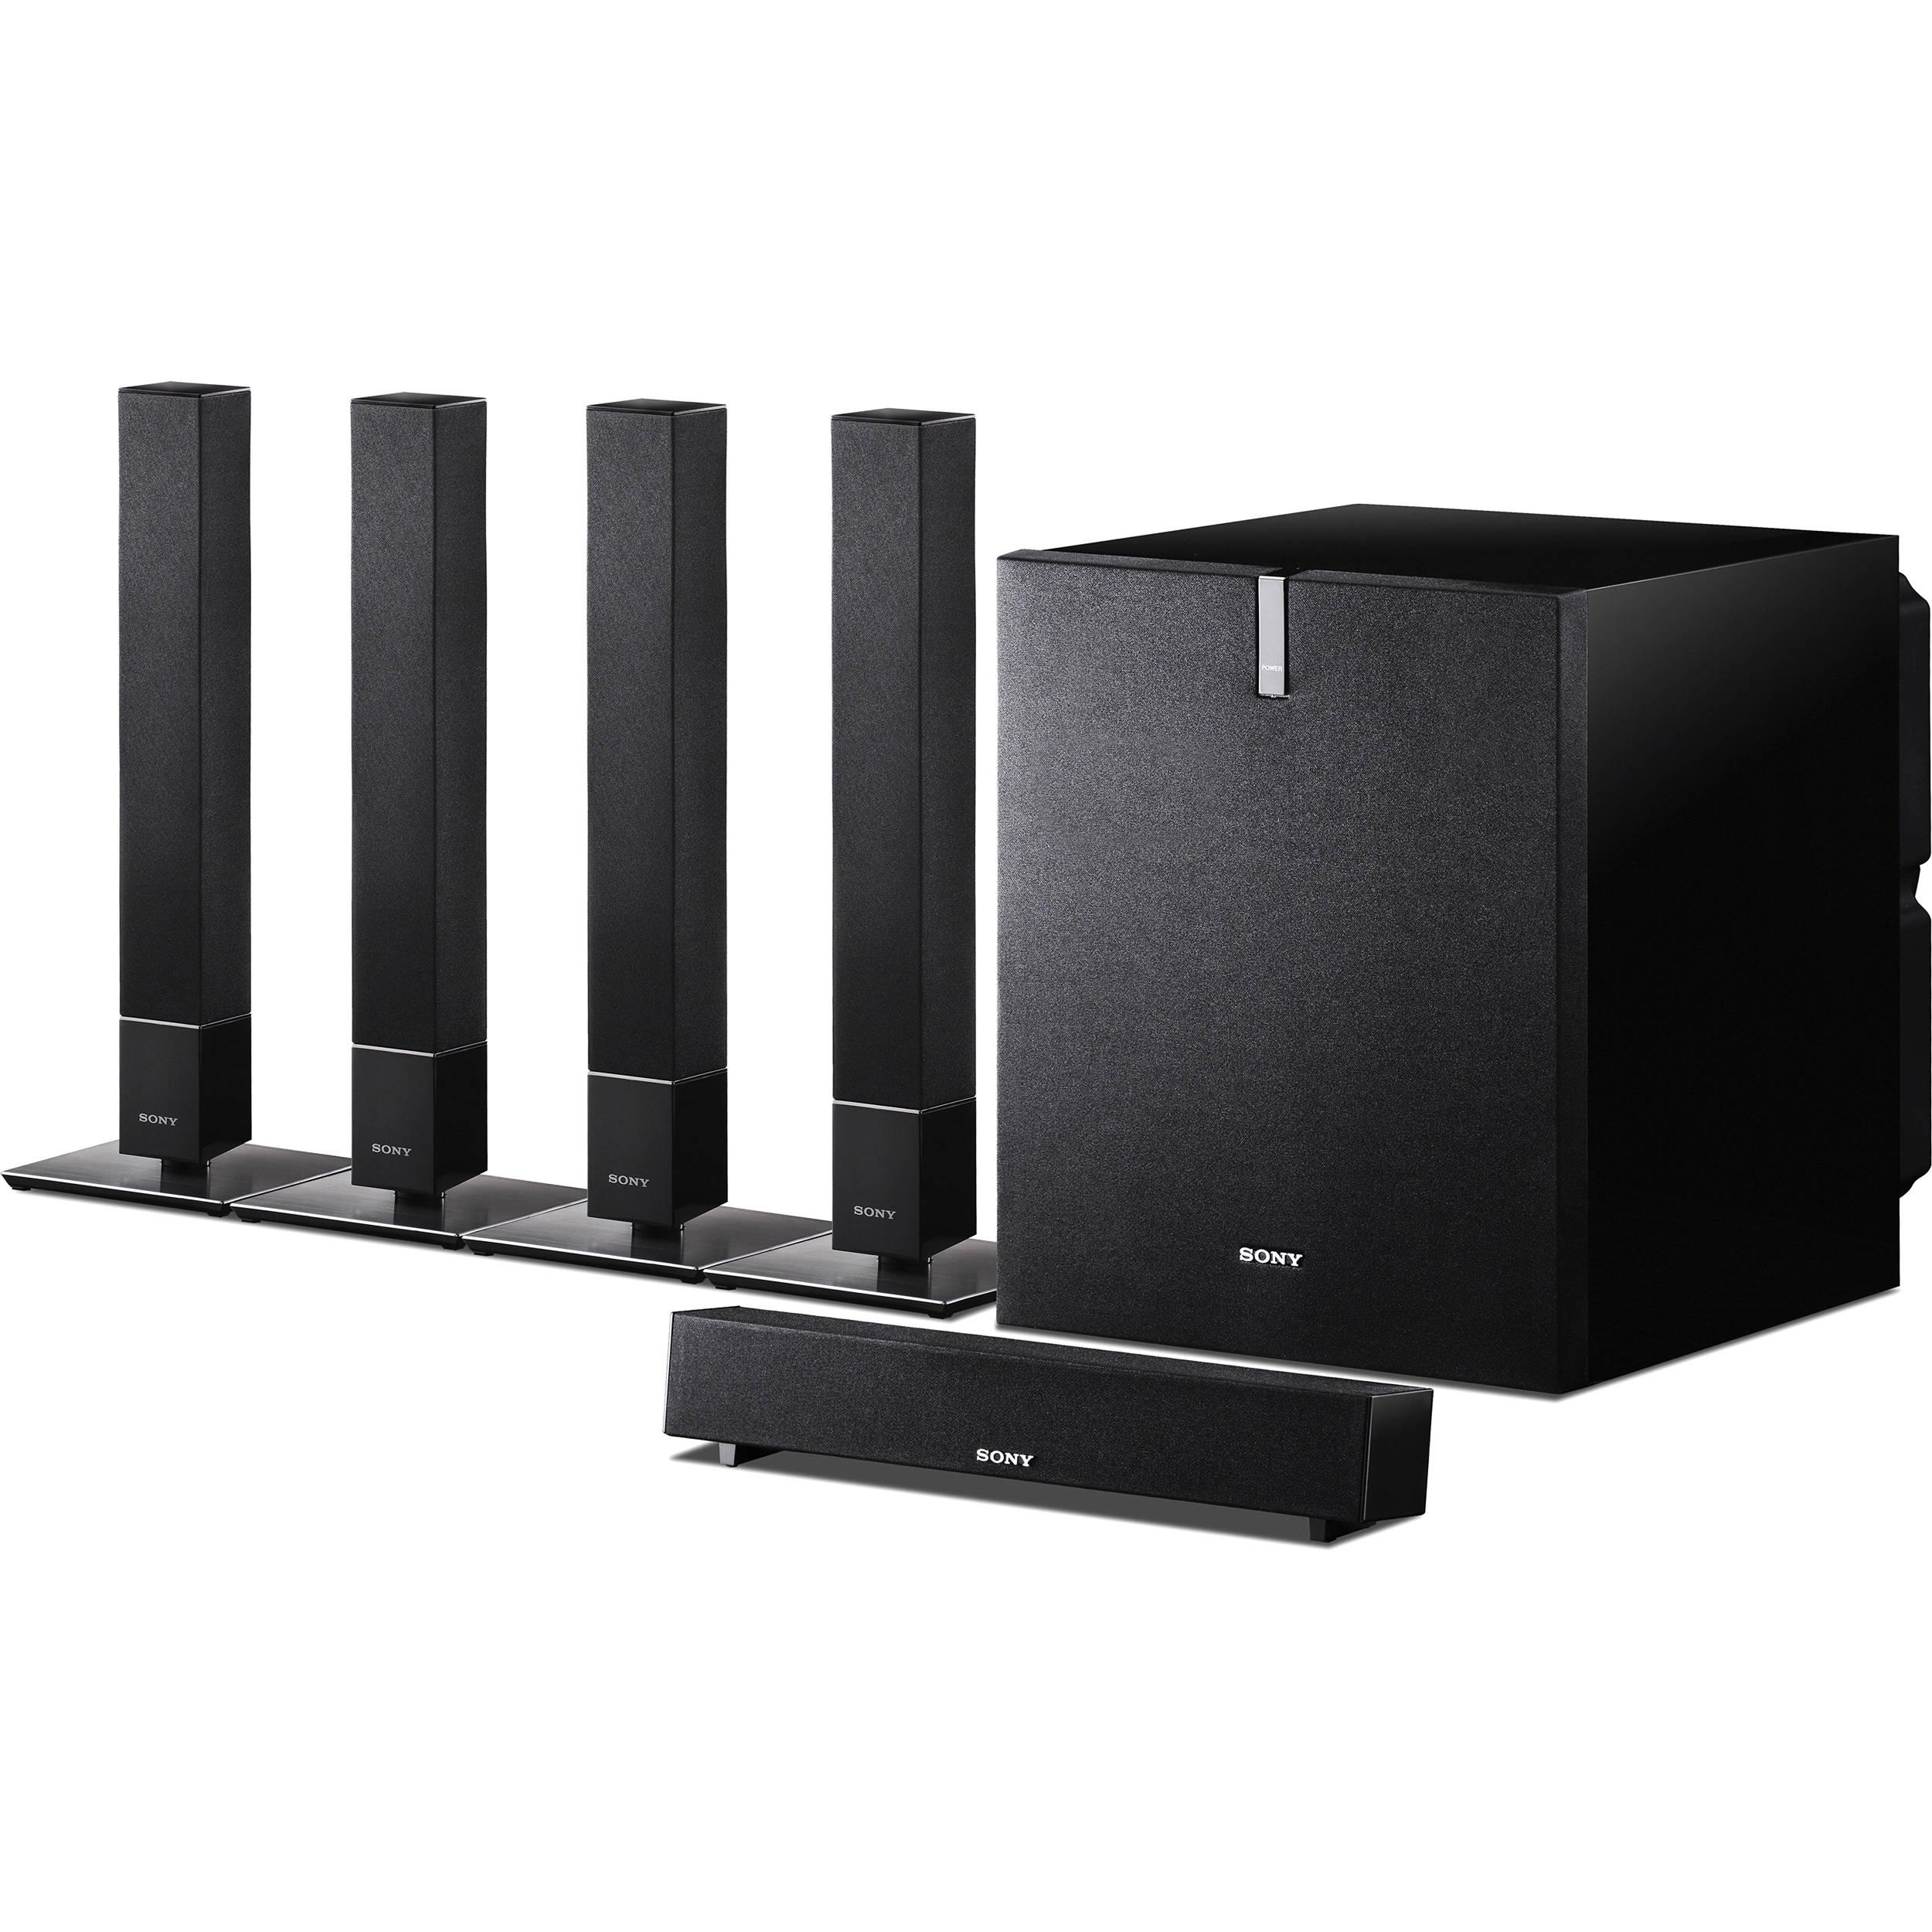 Sony sa vs110 5 1 channel home theater speaker system sa vs110 for Woofer speaker system